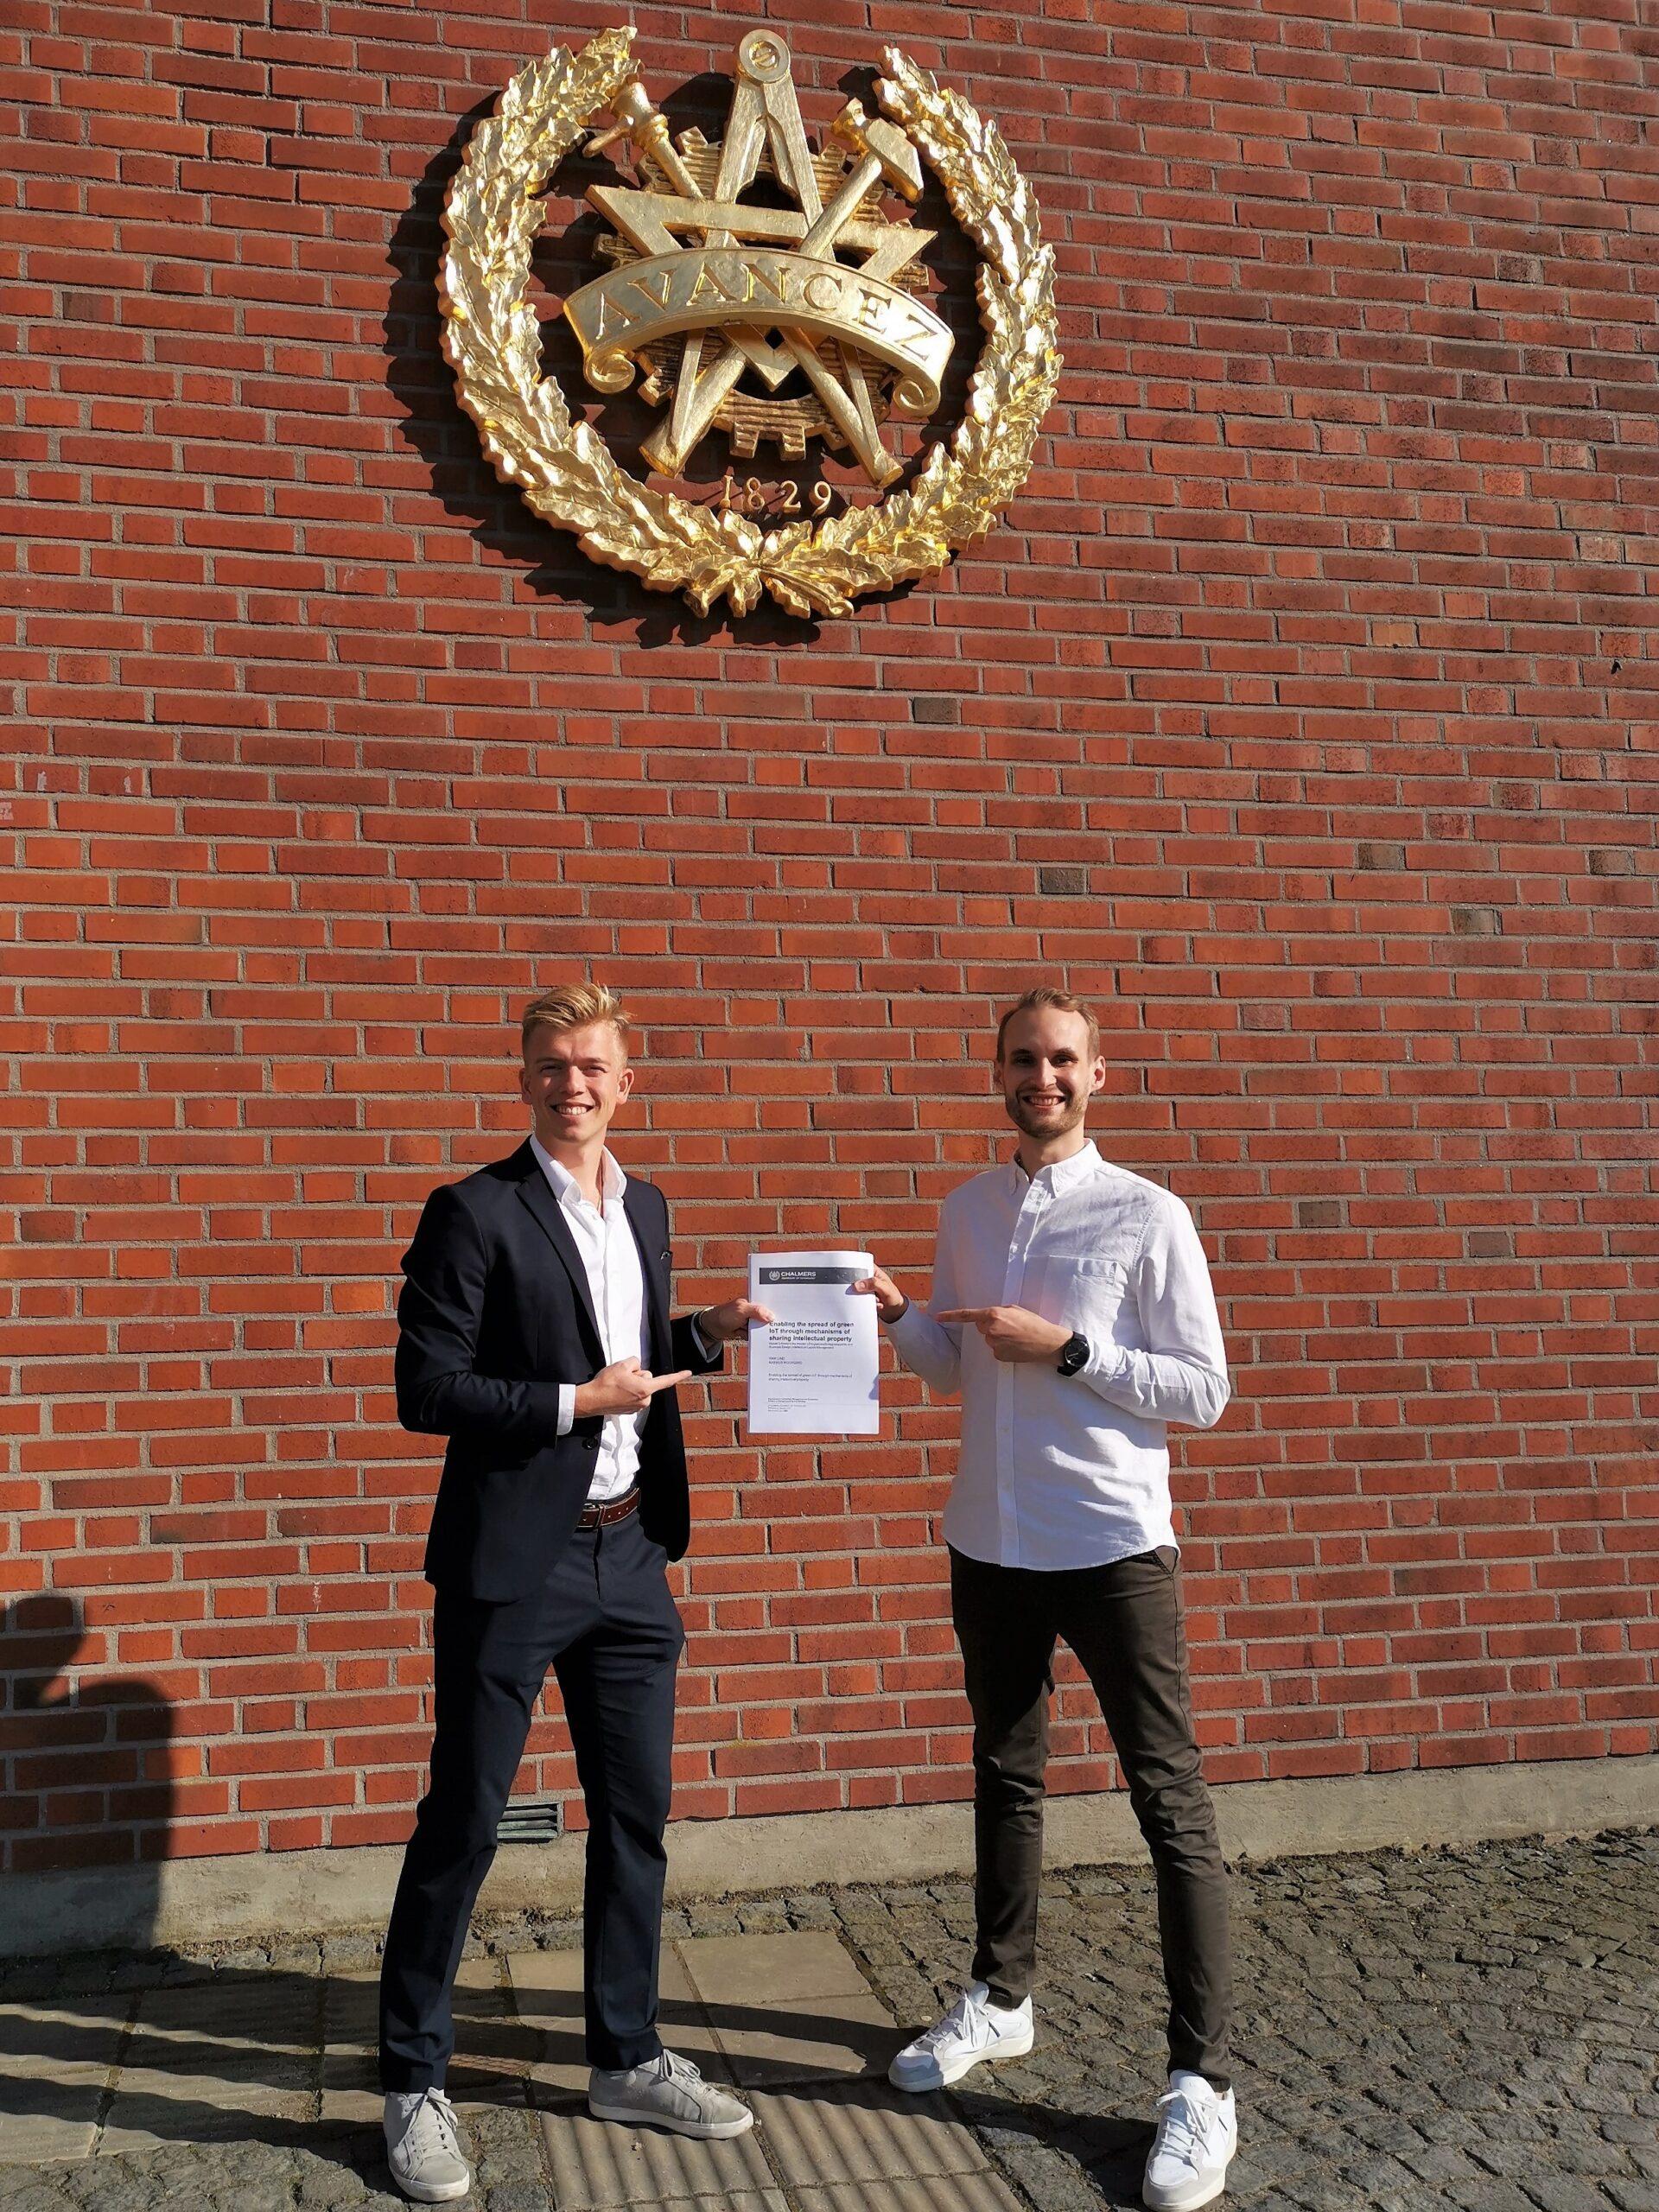 Isak Lind And Rasmus Kockgård